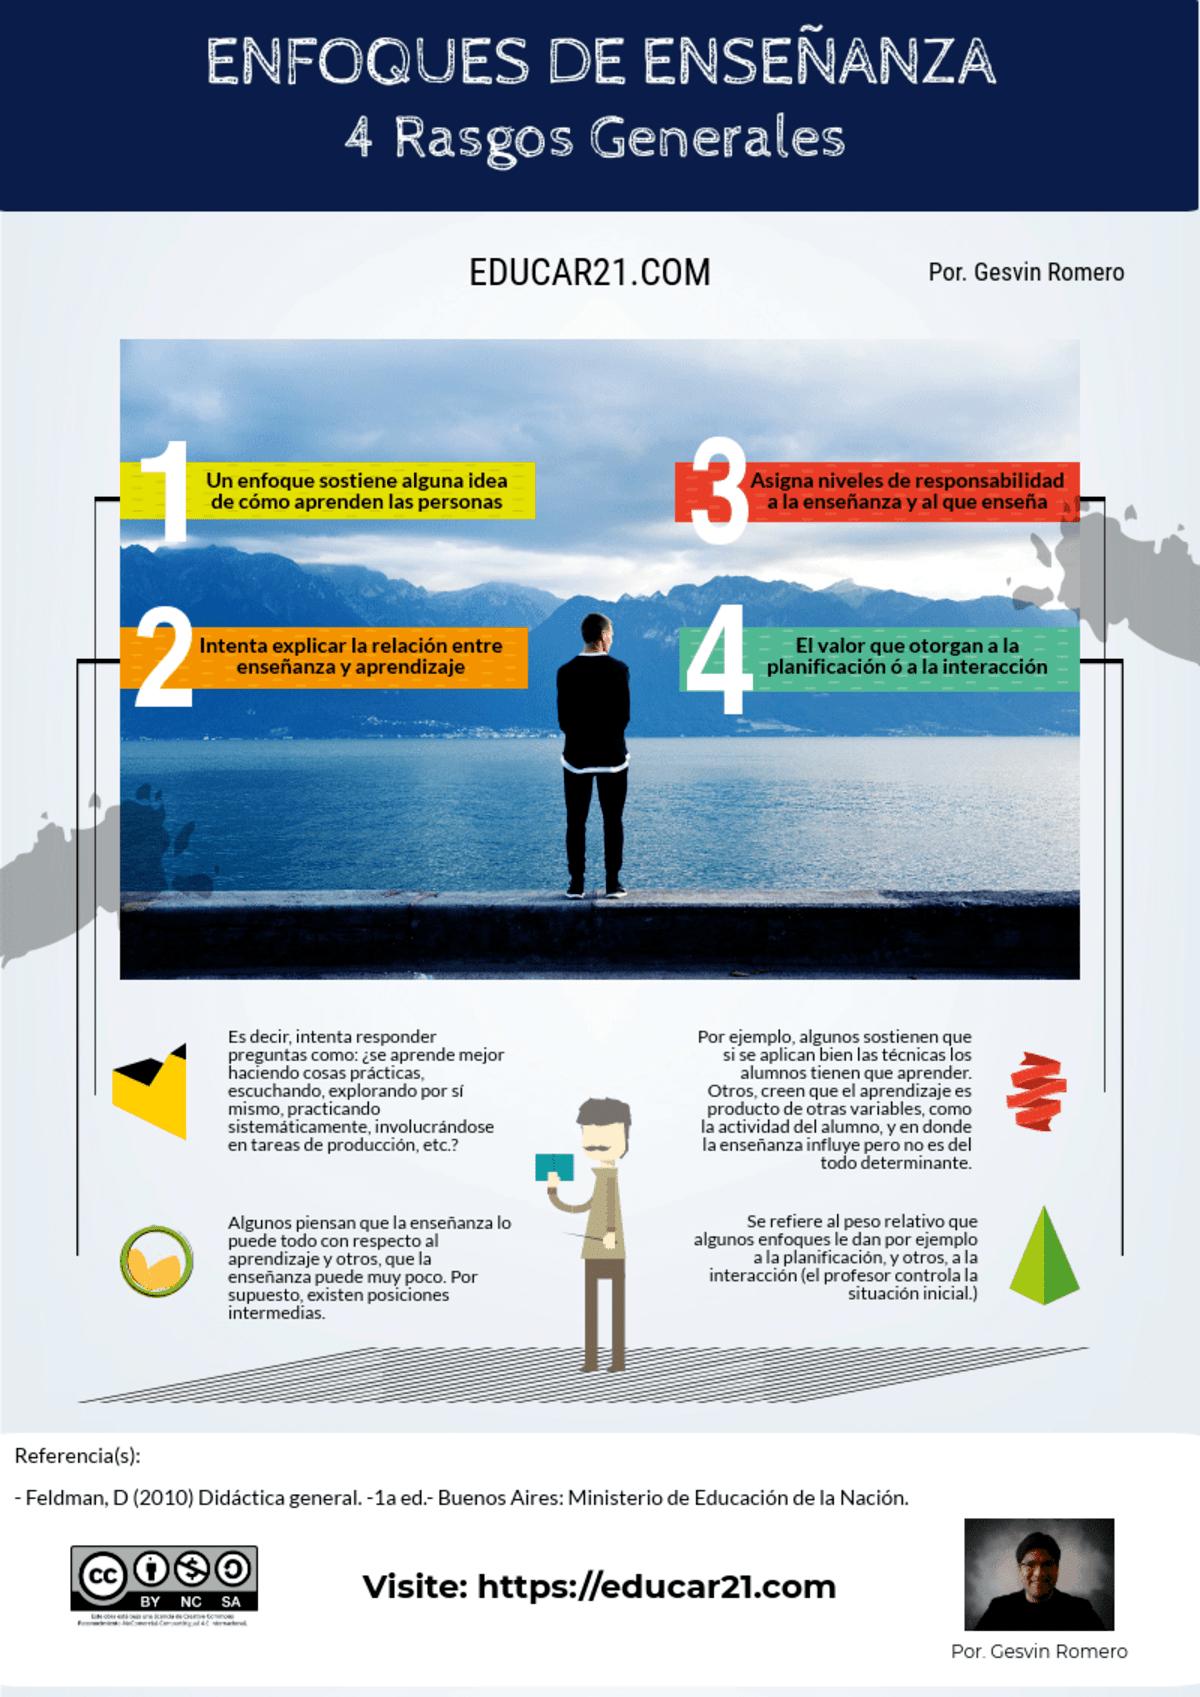 Enfoque de Enseñanza - 5 Mejores Estrategias para Establecer su Eficacia.